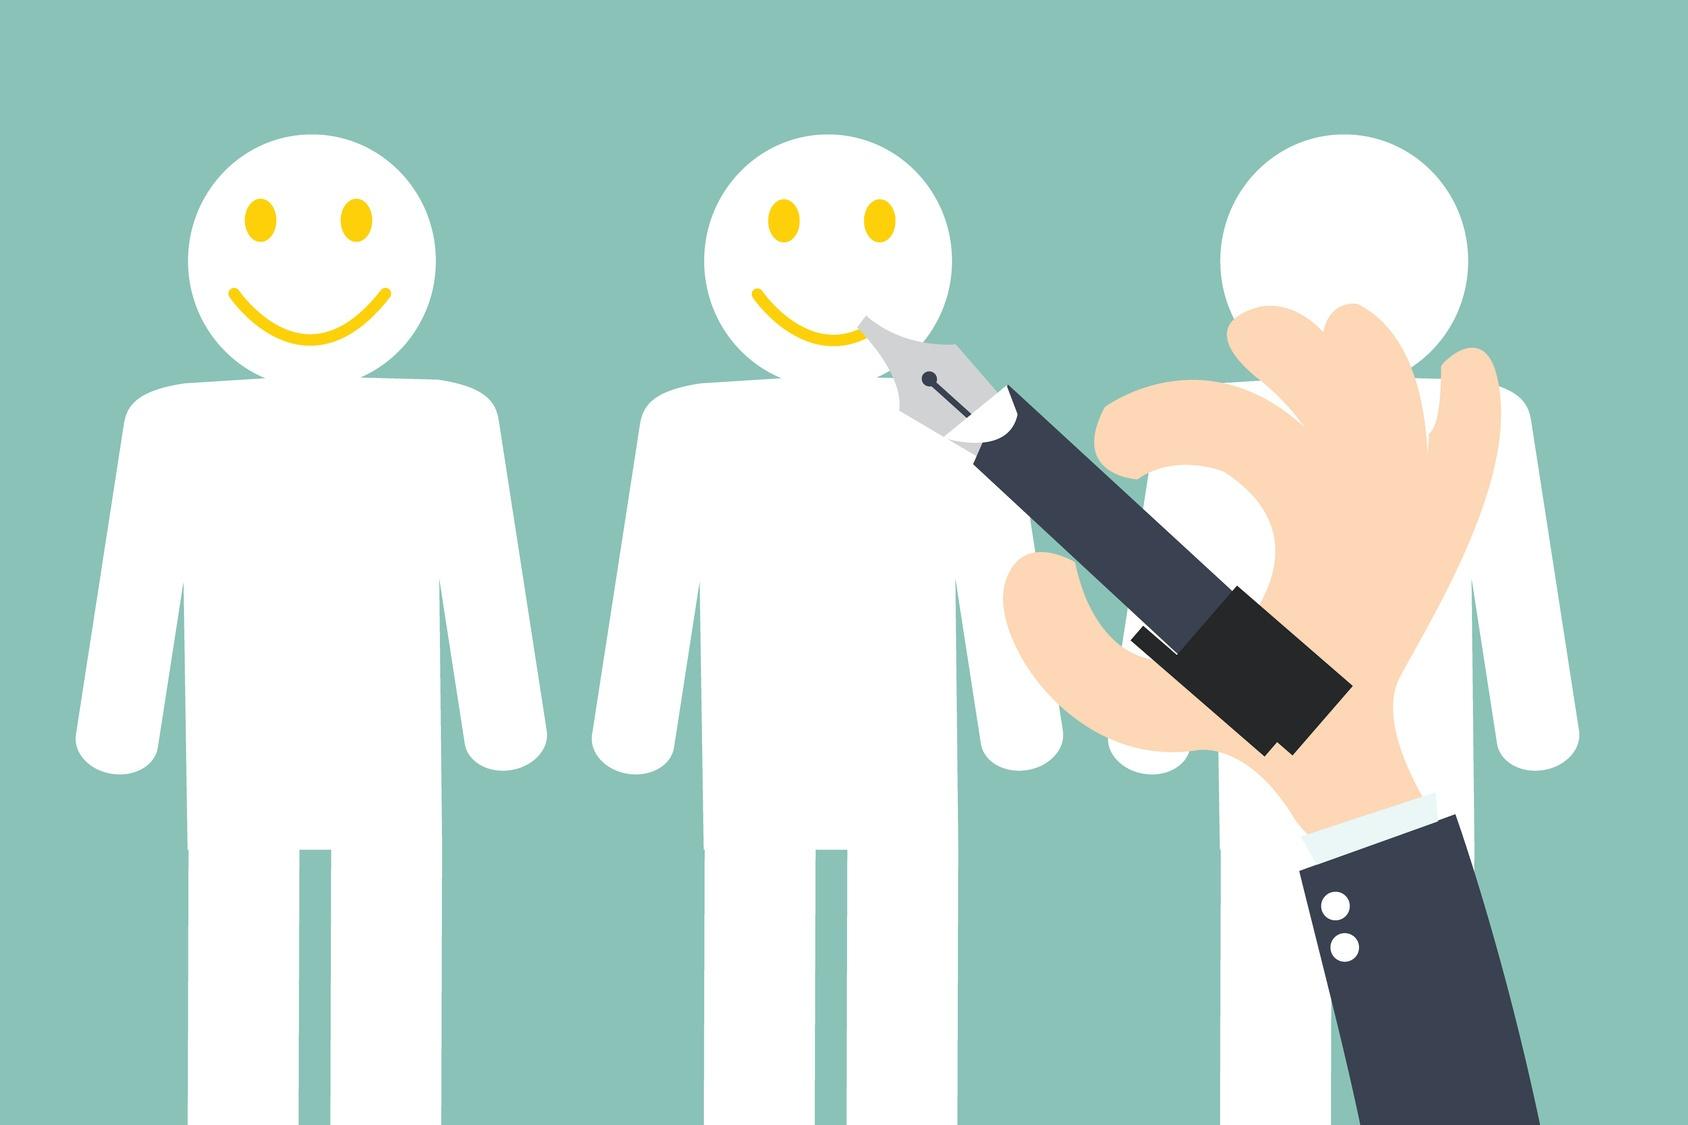 L'analyse des taux de satisfaction permet d'identifier les points forts